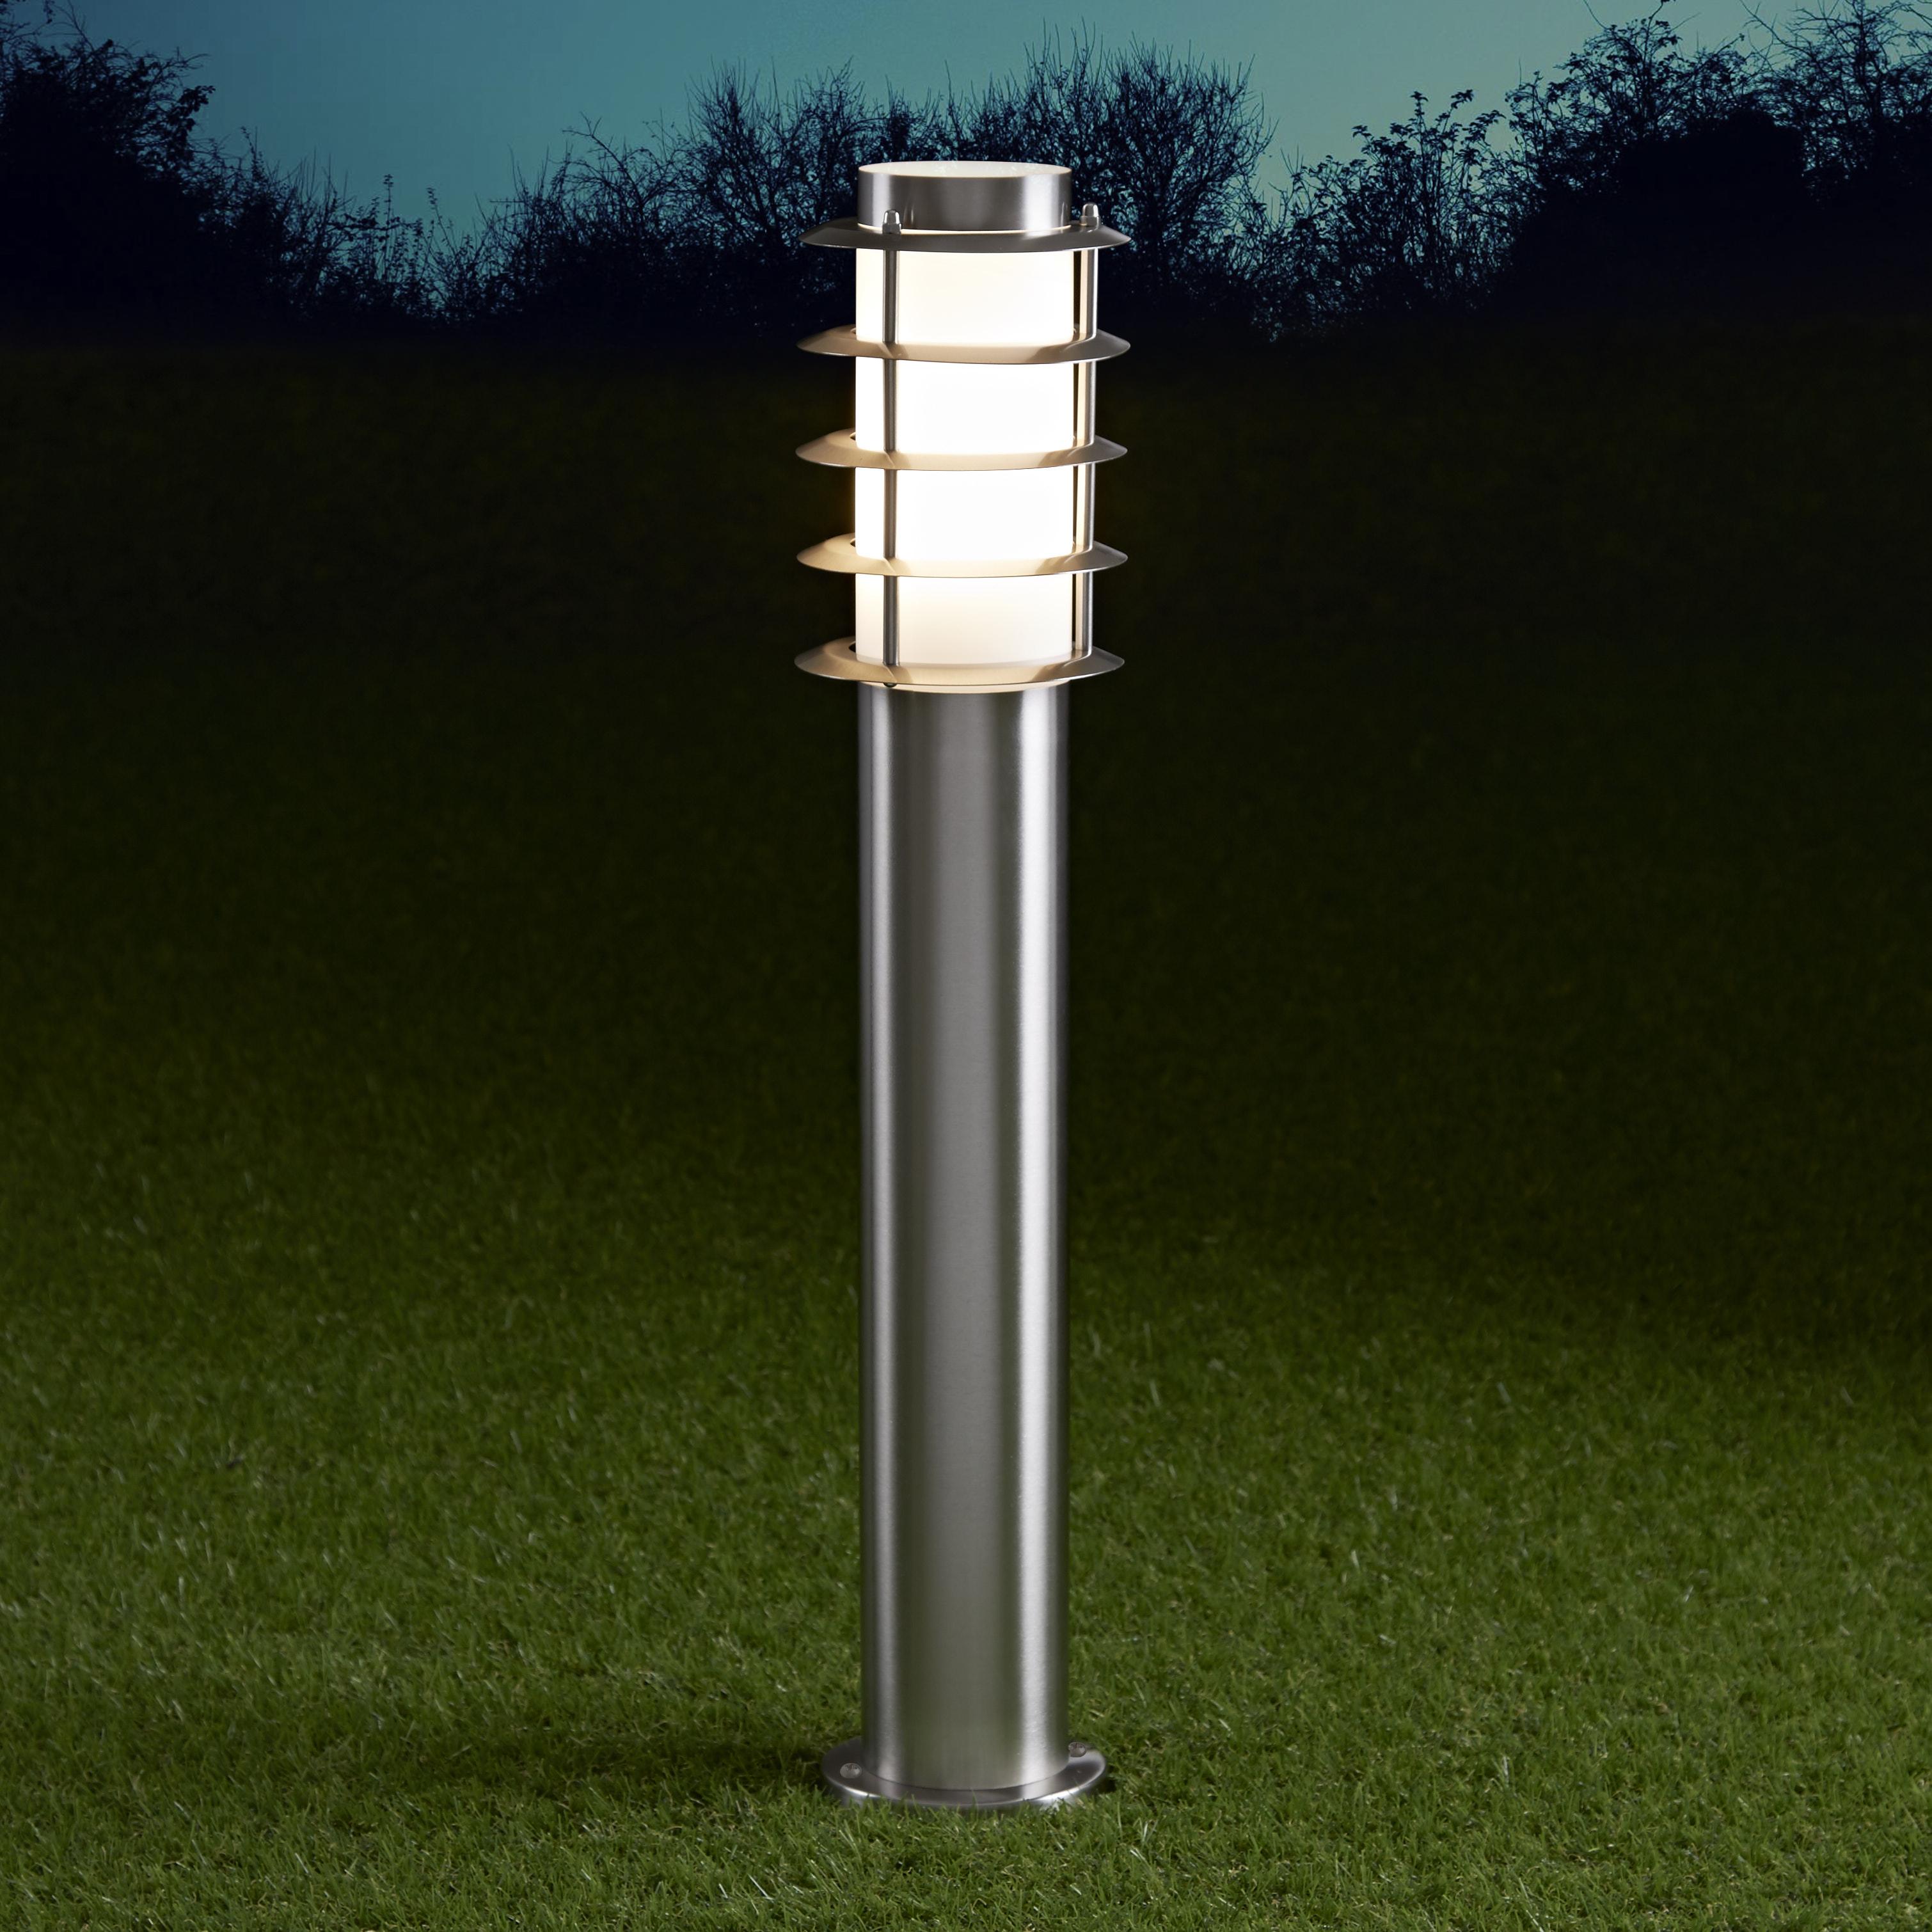 Belfort Dimbare Sokkellamp 60cm Hoog RVS IP44 E27